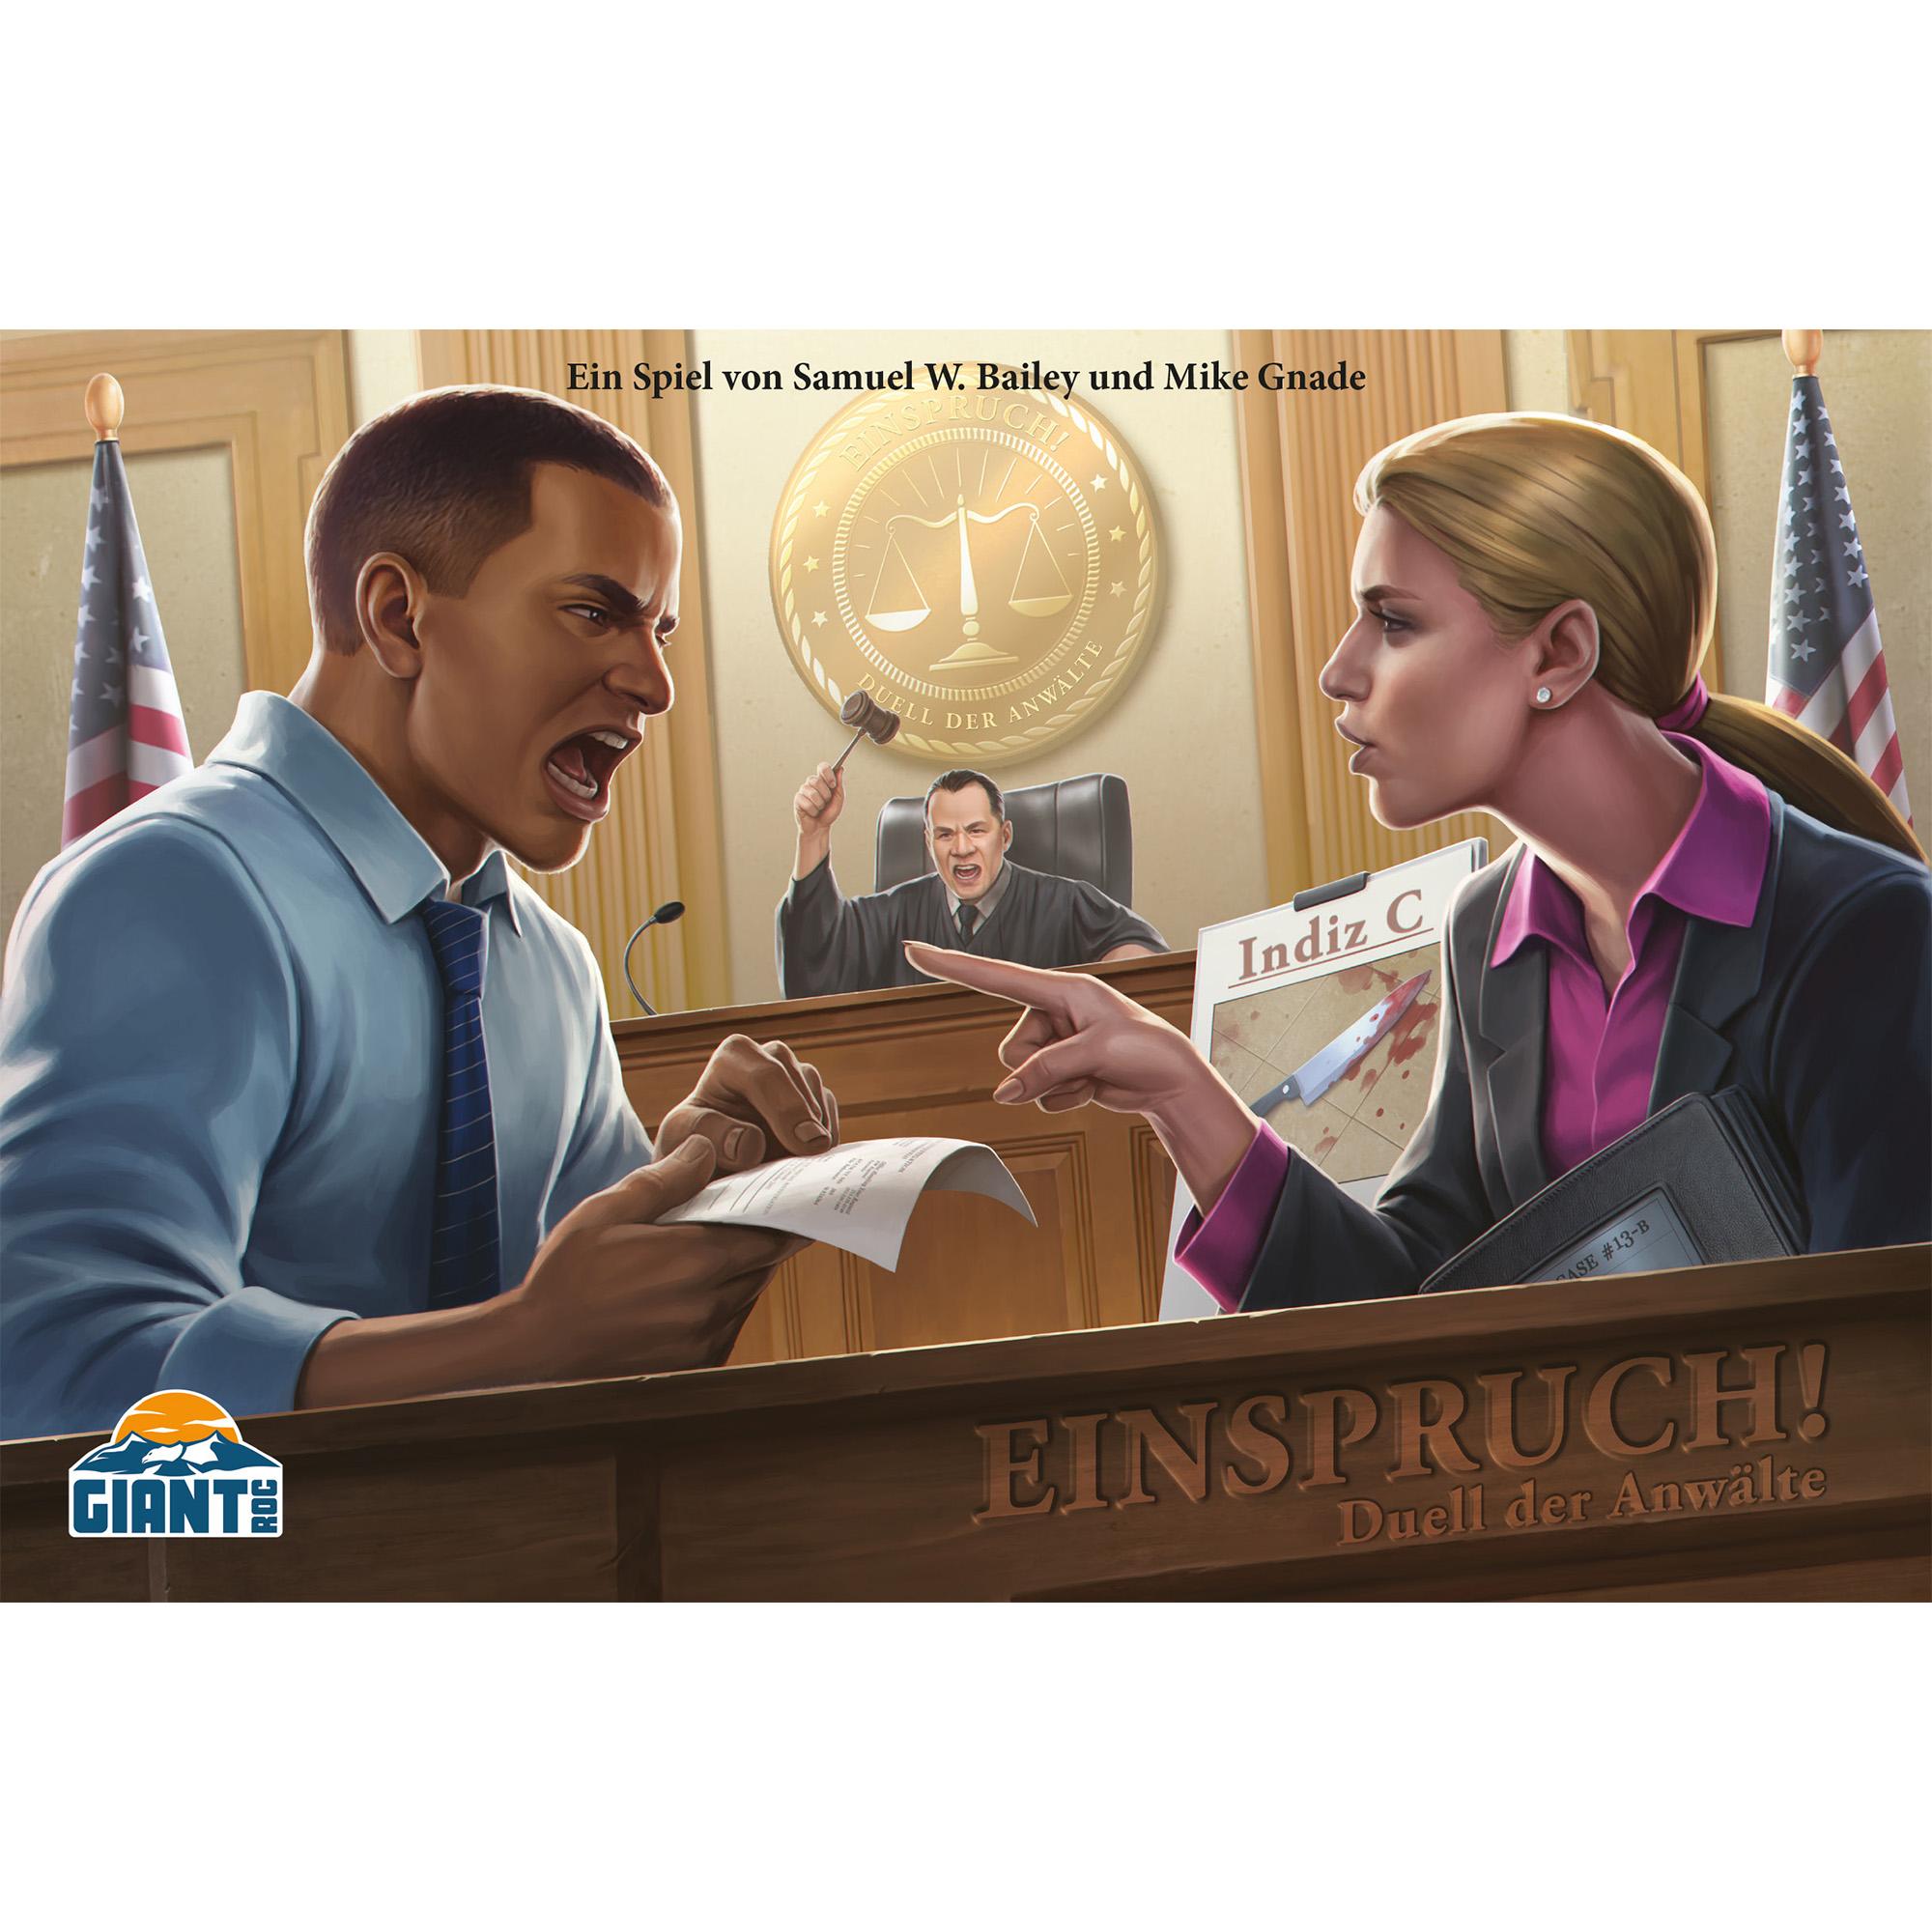 Einspruch! - Duell der Anwälte